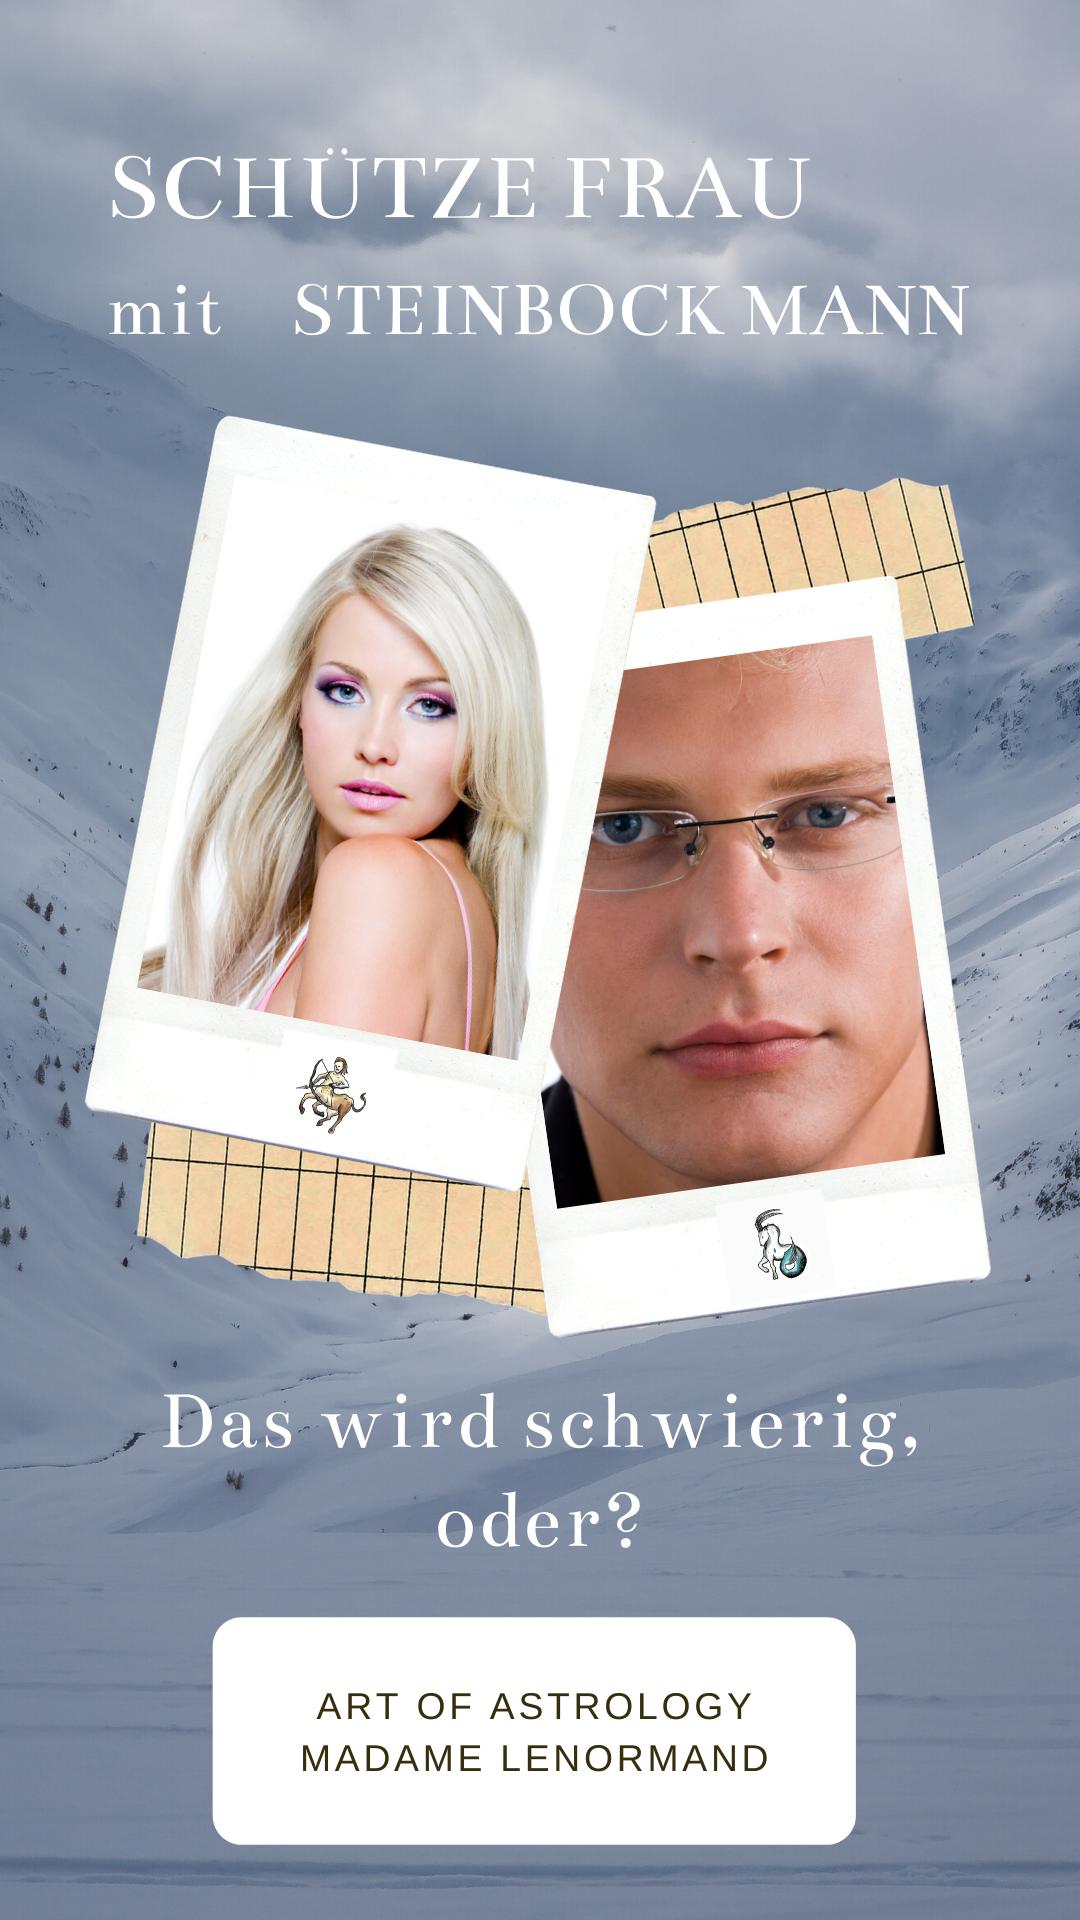 Steinbock-Mann & Schütze-Frau in 2020 | Steinbock mann